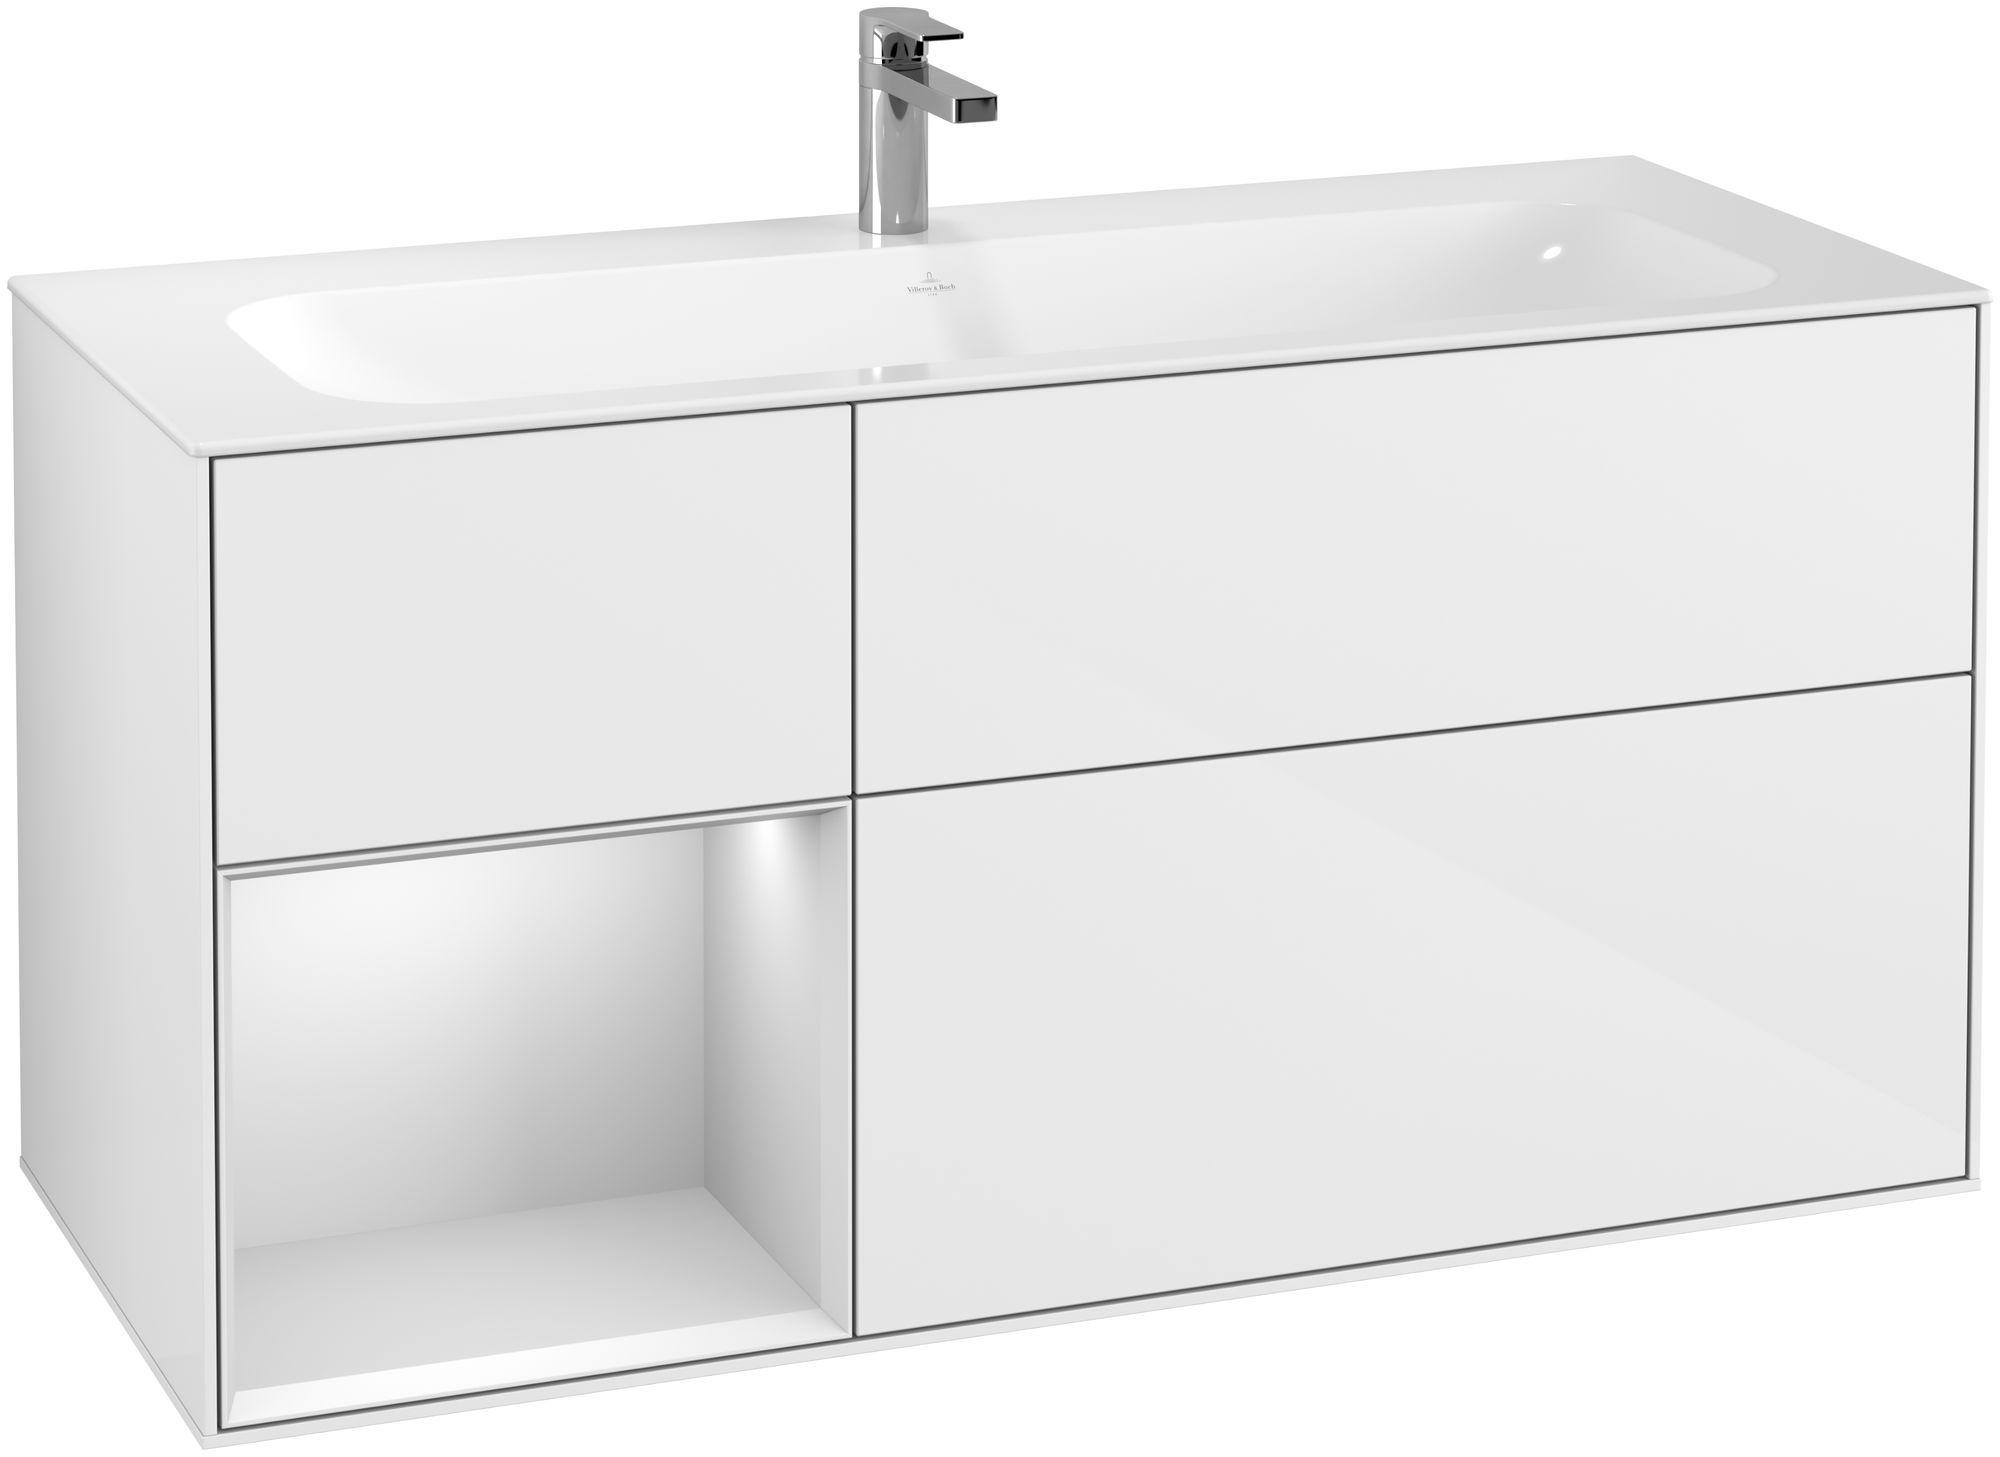 Villeroy & Boch Finion G06 Waschtischunterschrank mit Regalelement 3 Auszüge LED-Beleuchtung B:119,6xH:59,1xT:49,8cm Front, Korpus: Glossy White Lack, Regal: Weiß Matt Soft Grey G060MTGF